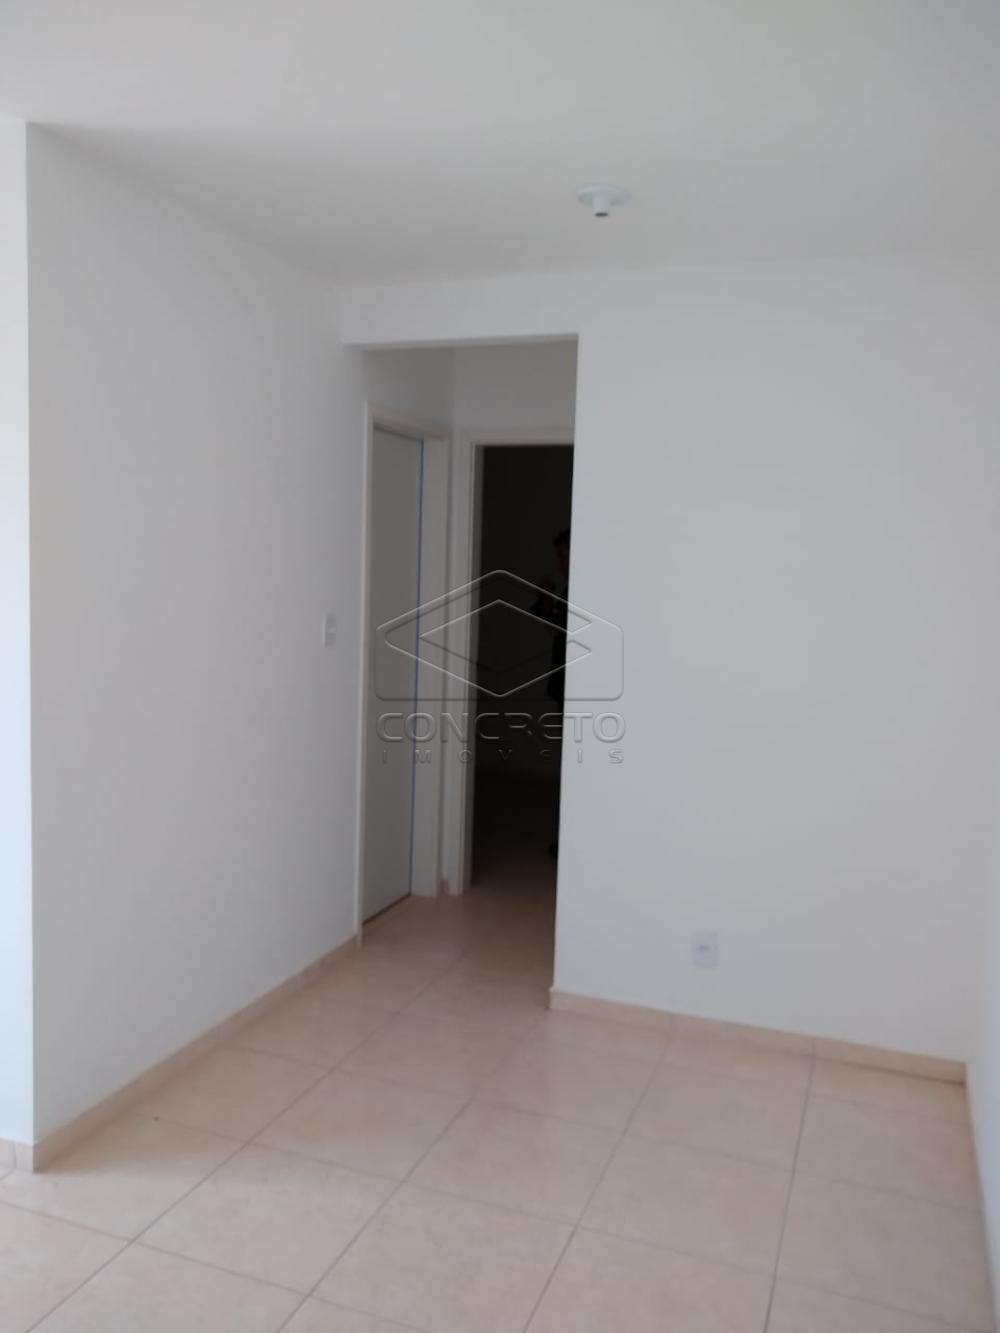 Comprar Apartamento / Padrão em Jaú apenas R$ 170.000,00 - Foto 6